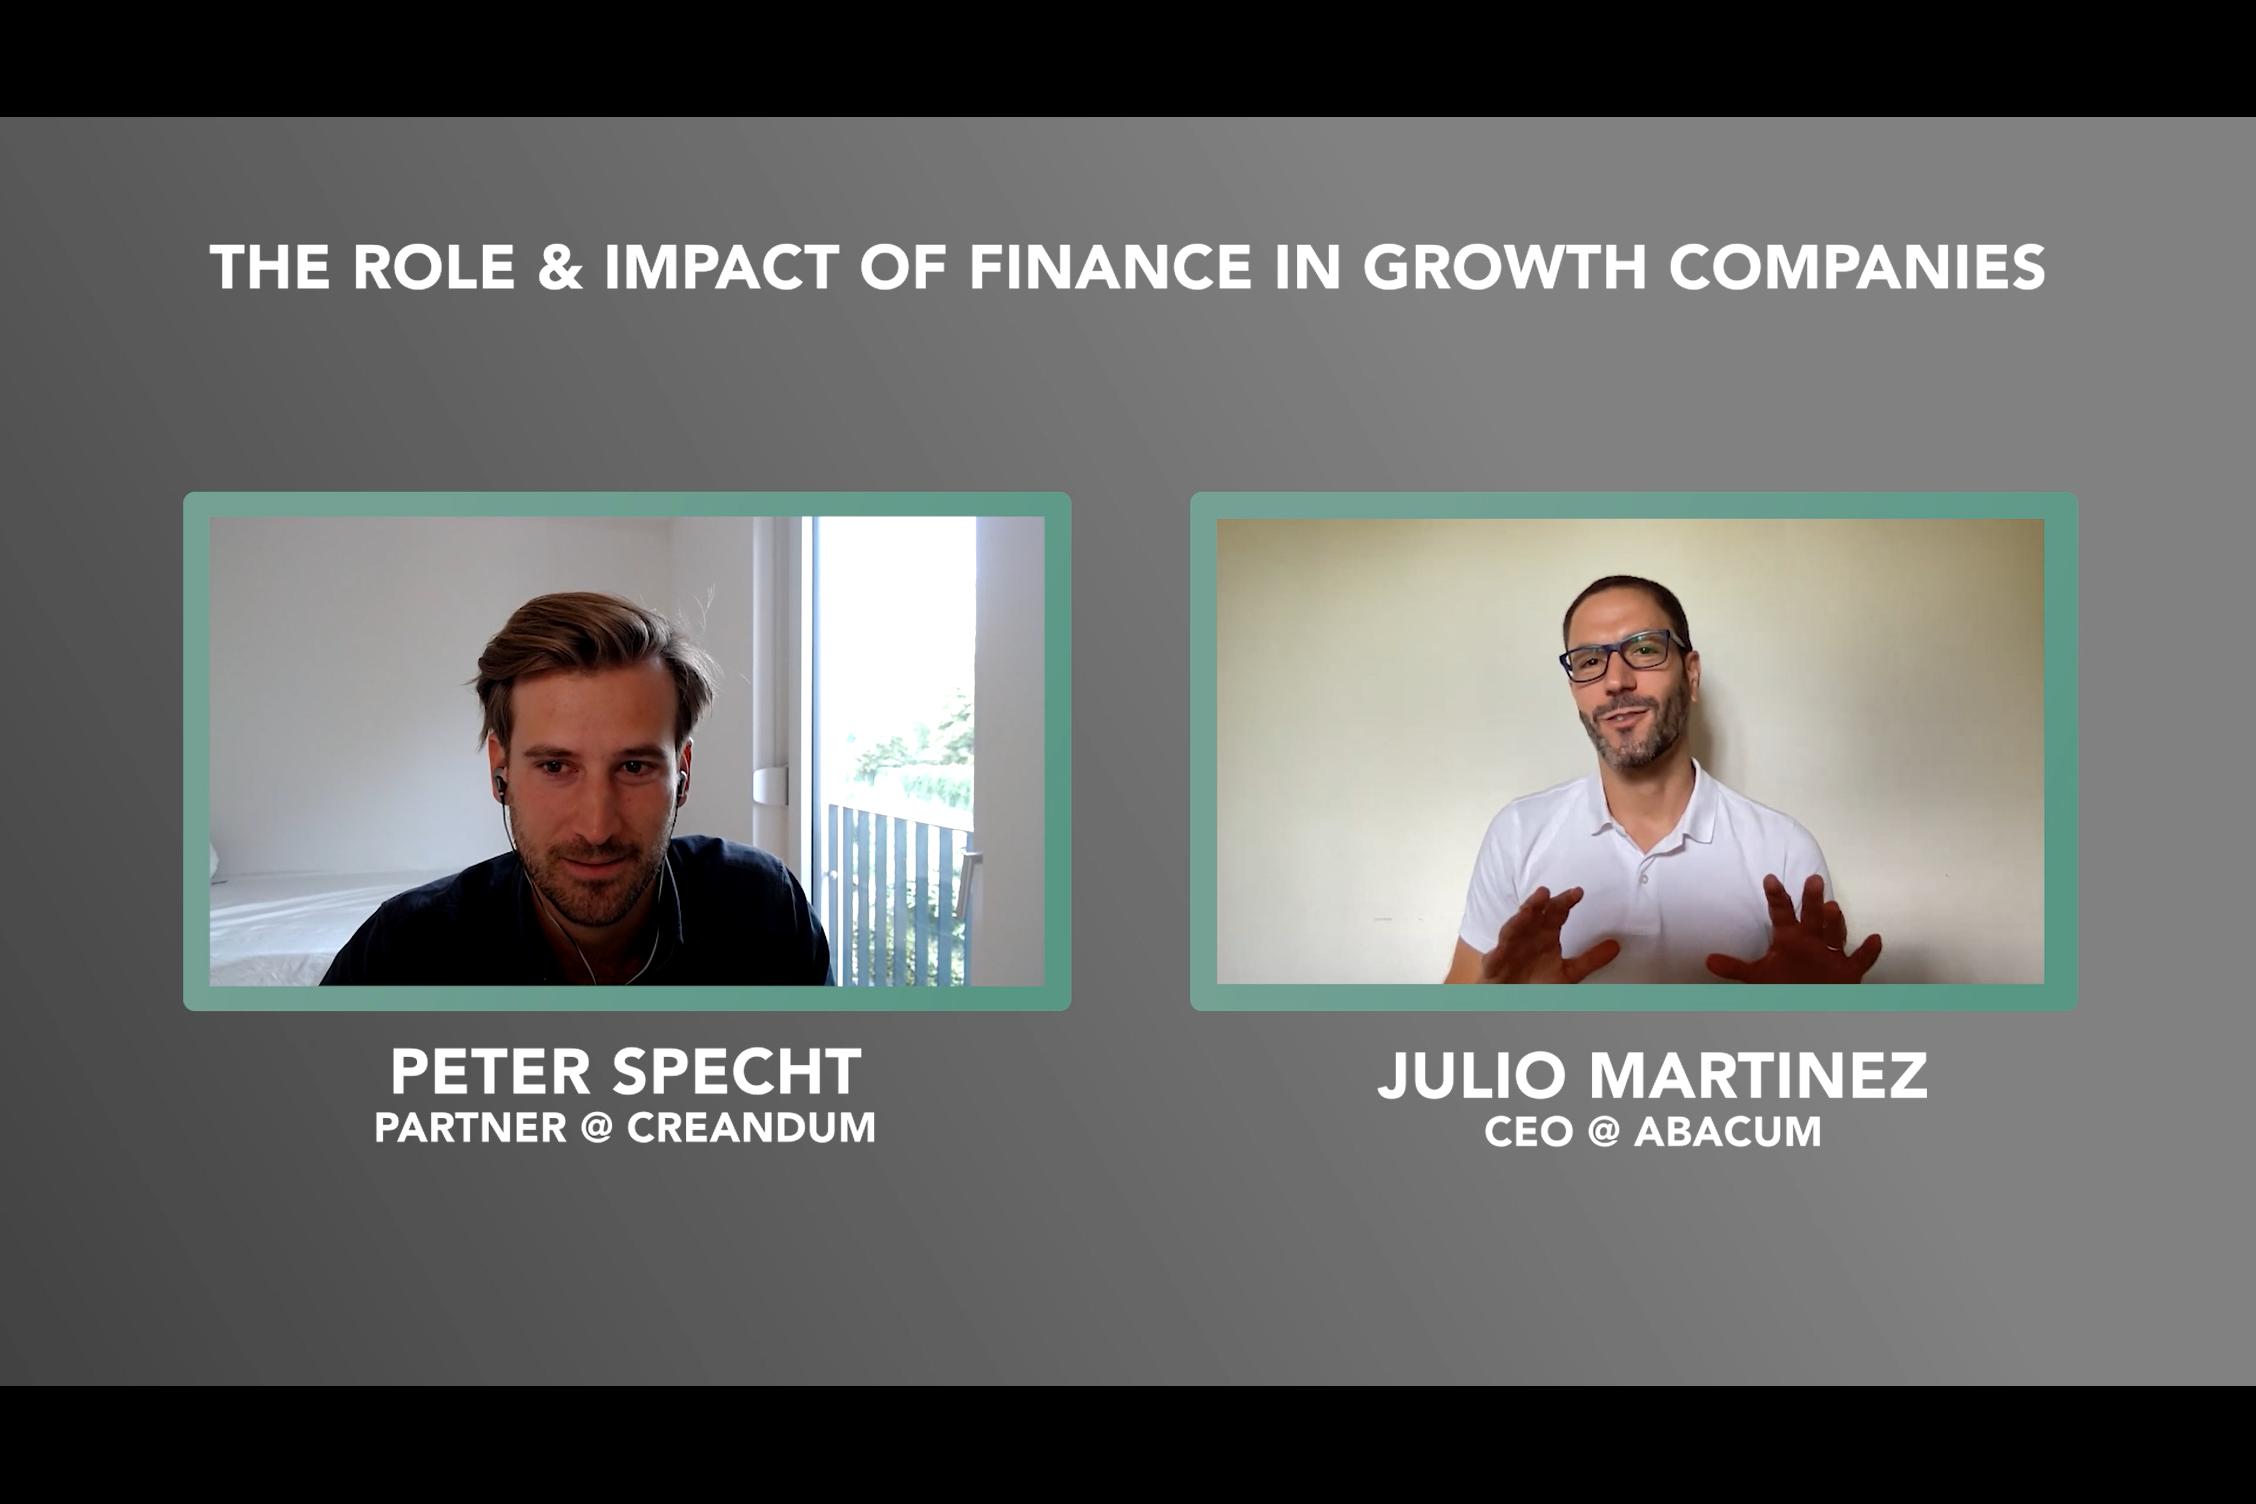 A screenshot of the webinar with Peter Specht & Julio Martinez